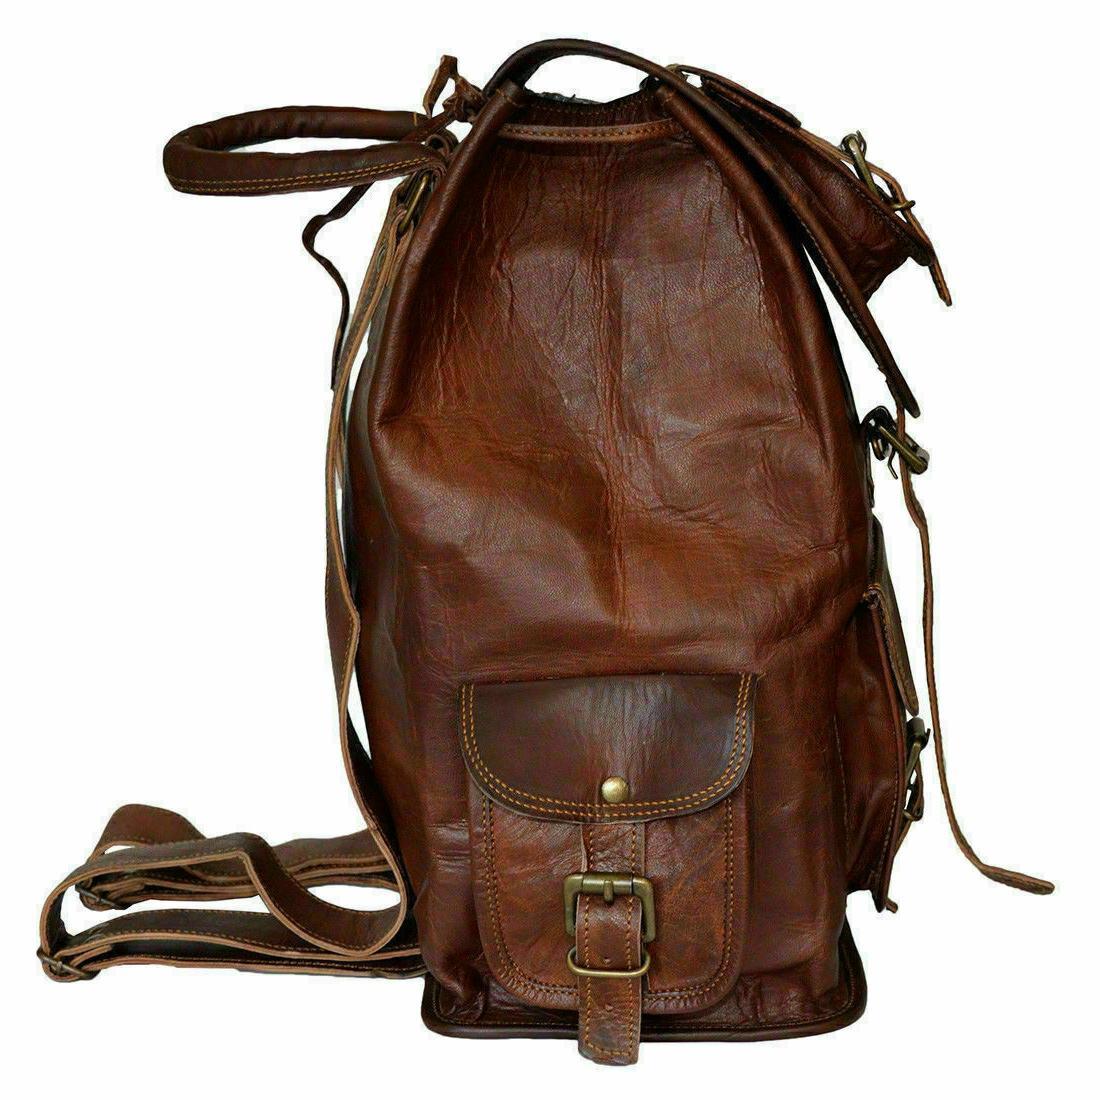 Vintage Leather Laptop Backpack Rucksack Bag Satchel